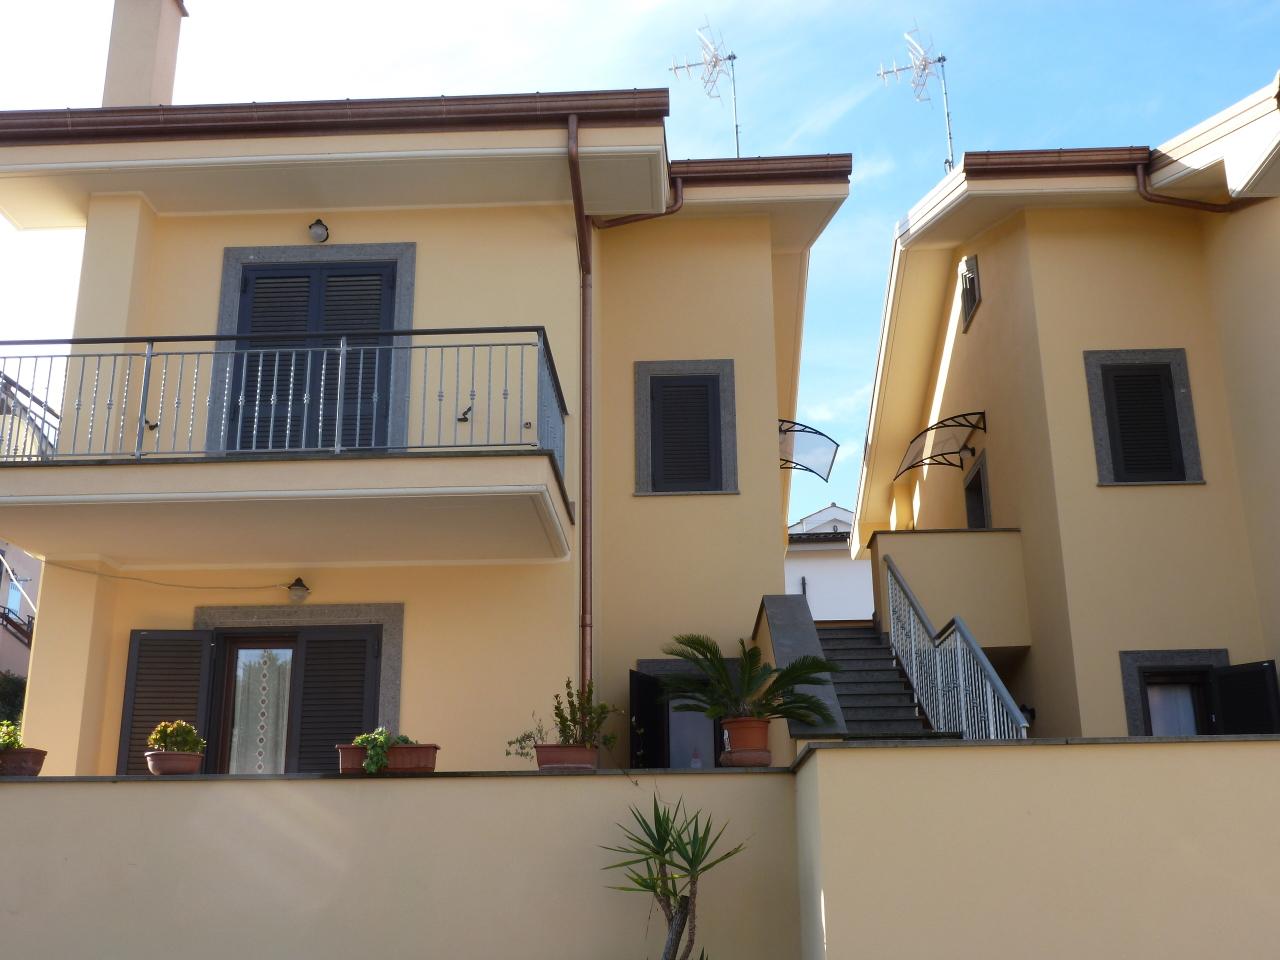 Appartamento in vendita a Grottaferrata, 4 locali, prezzo € 249.000 | Cambio Casa.it